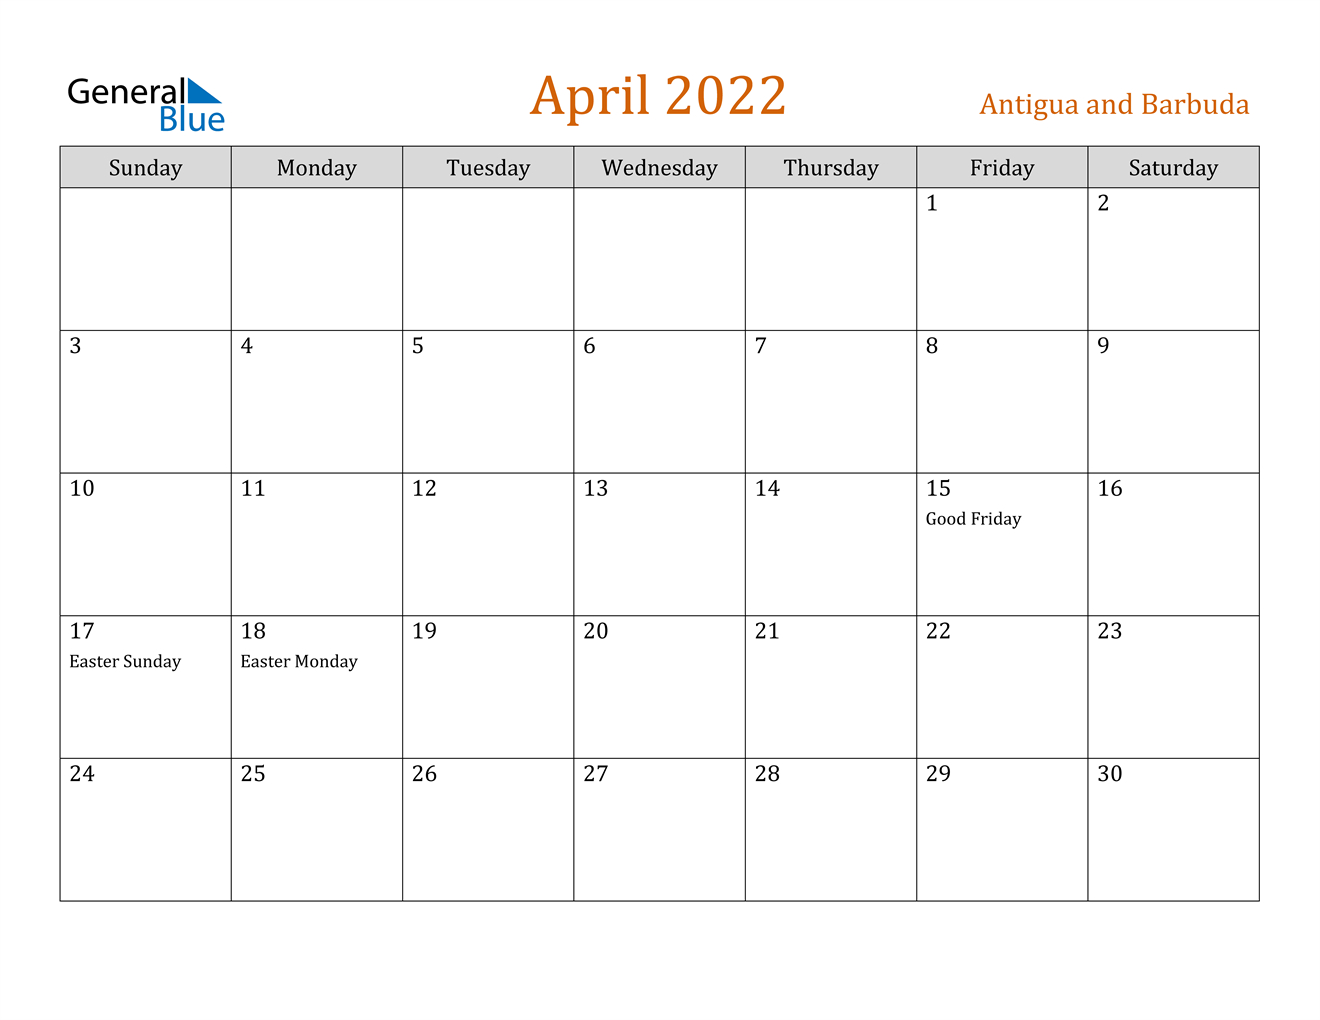 April 2022 Calendar - Antigua And Barbuda inside 2022 April Calendar Free Printable